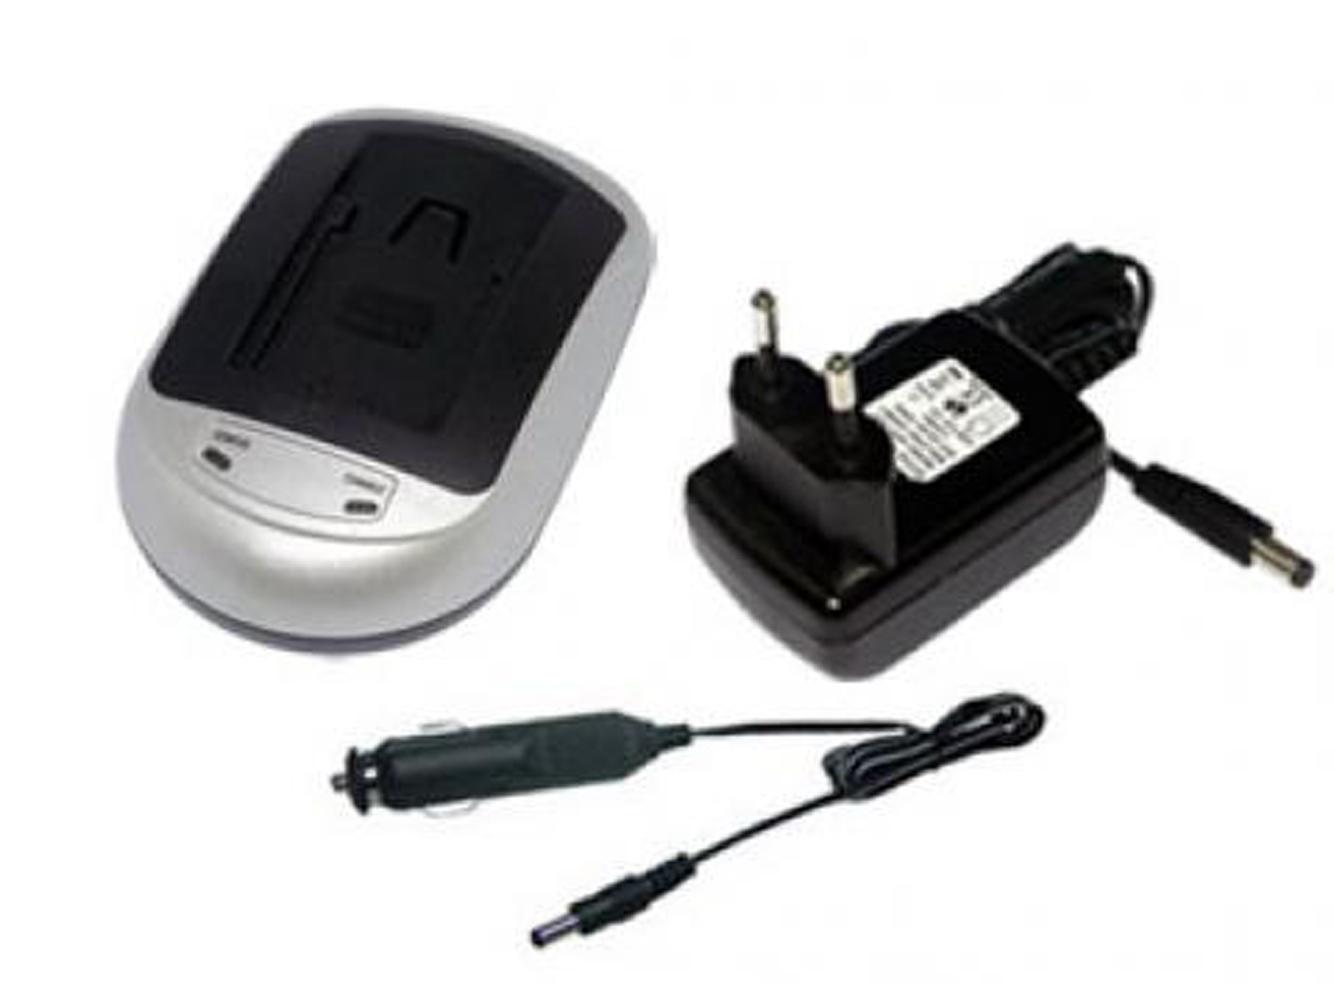 Battery Charger for SAMSUNG IA-BE210E, IA-BE210TB, IA-BP210E, IA-BP420E